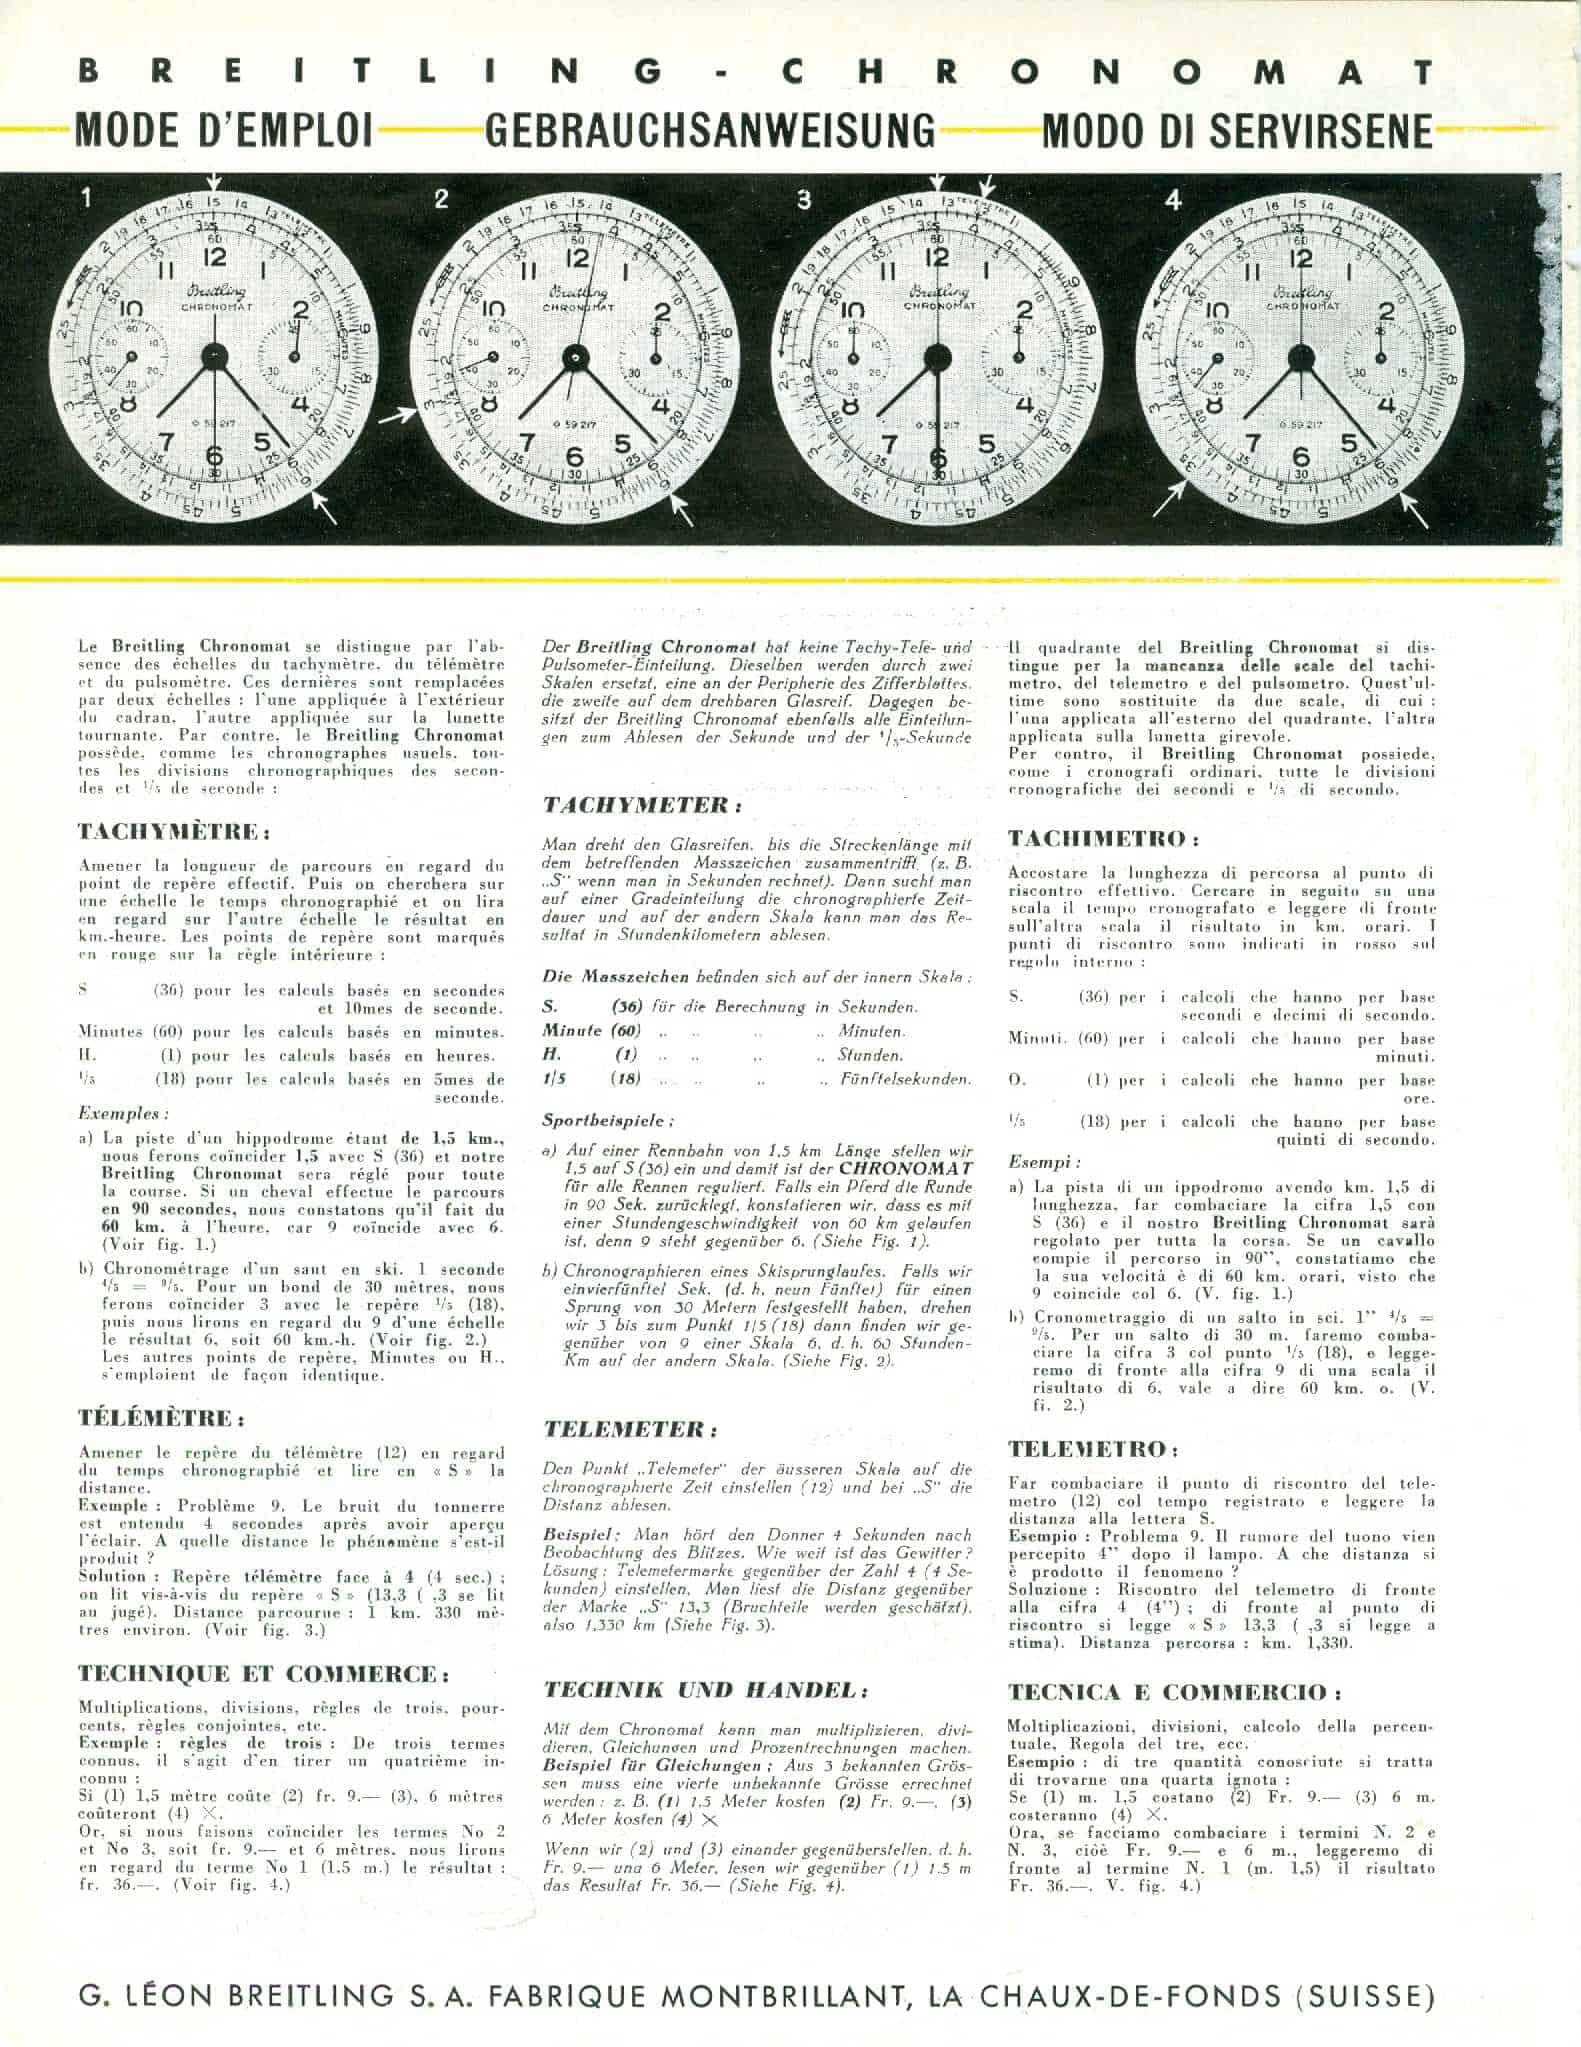 Der Chronomat konnte wie ein kleiner Taschenrechner verwendet werden